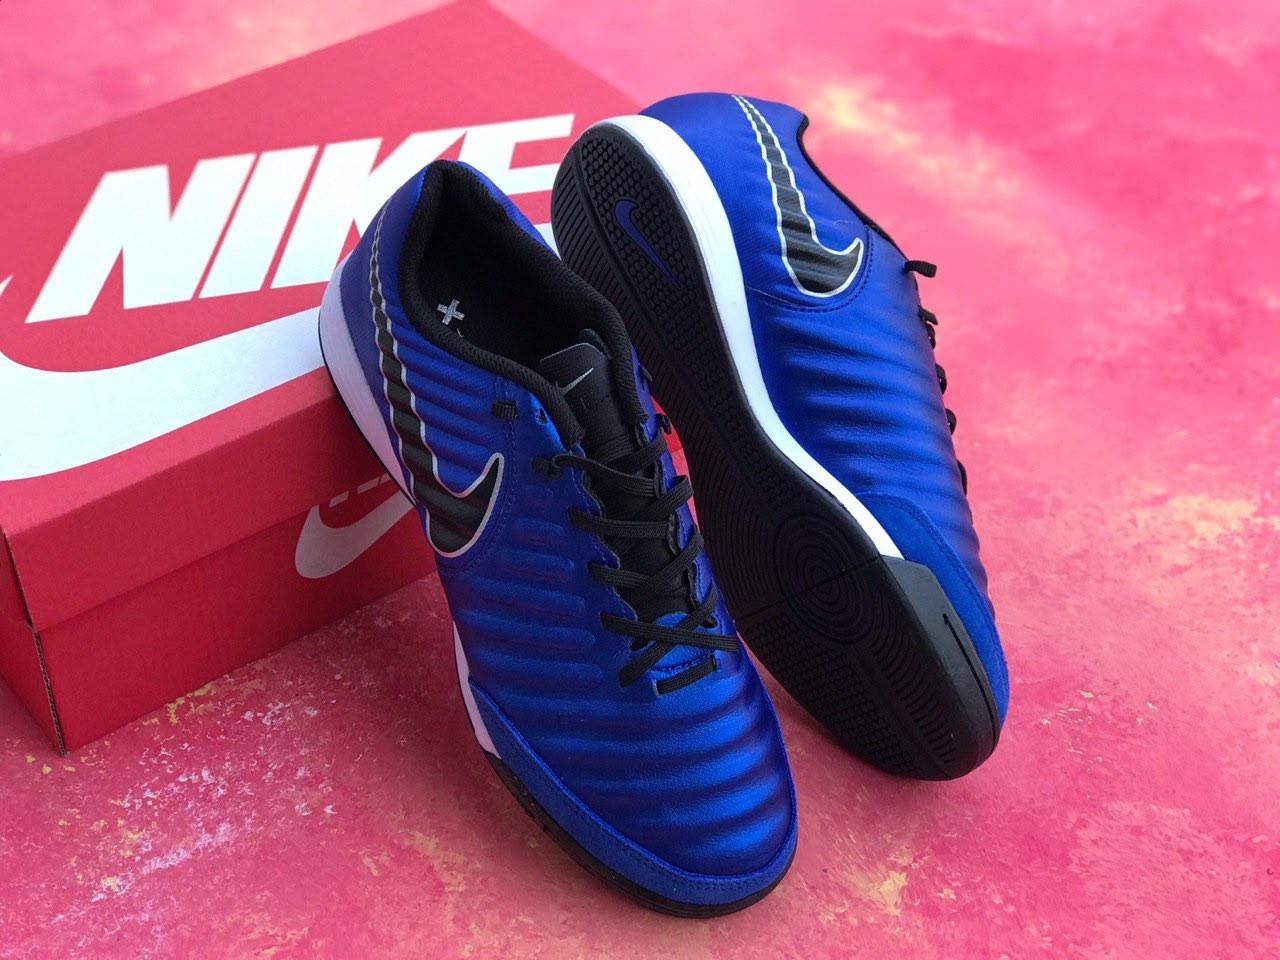 Футзалки Nike Tiempo X футбольная обувь Синие